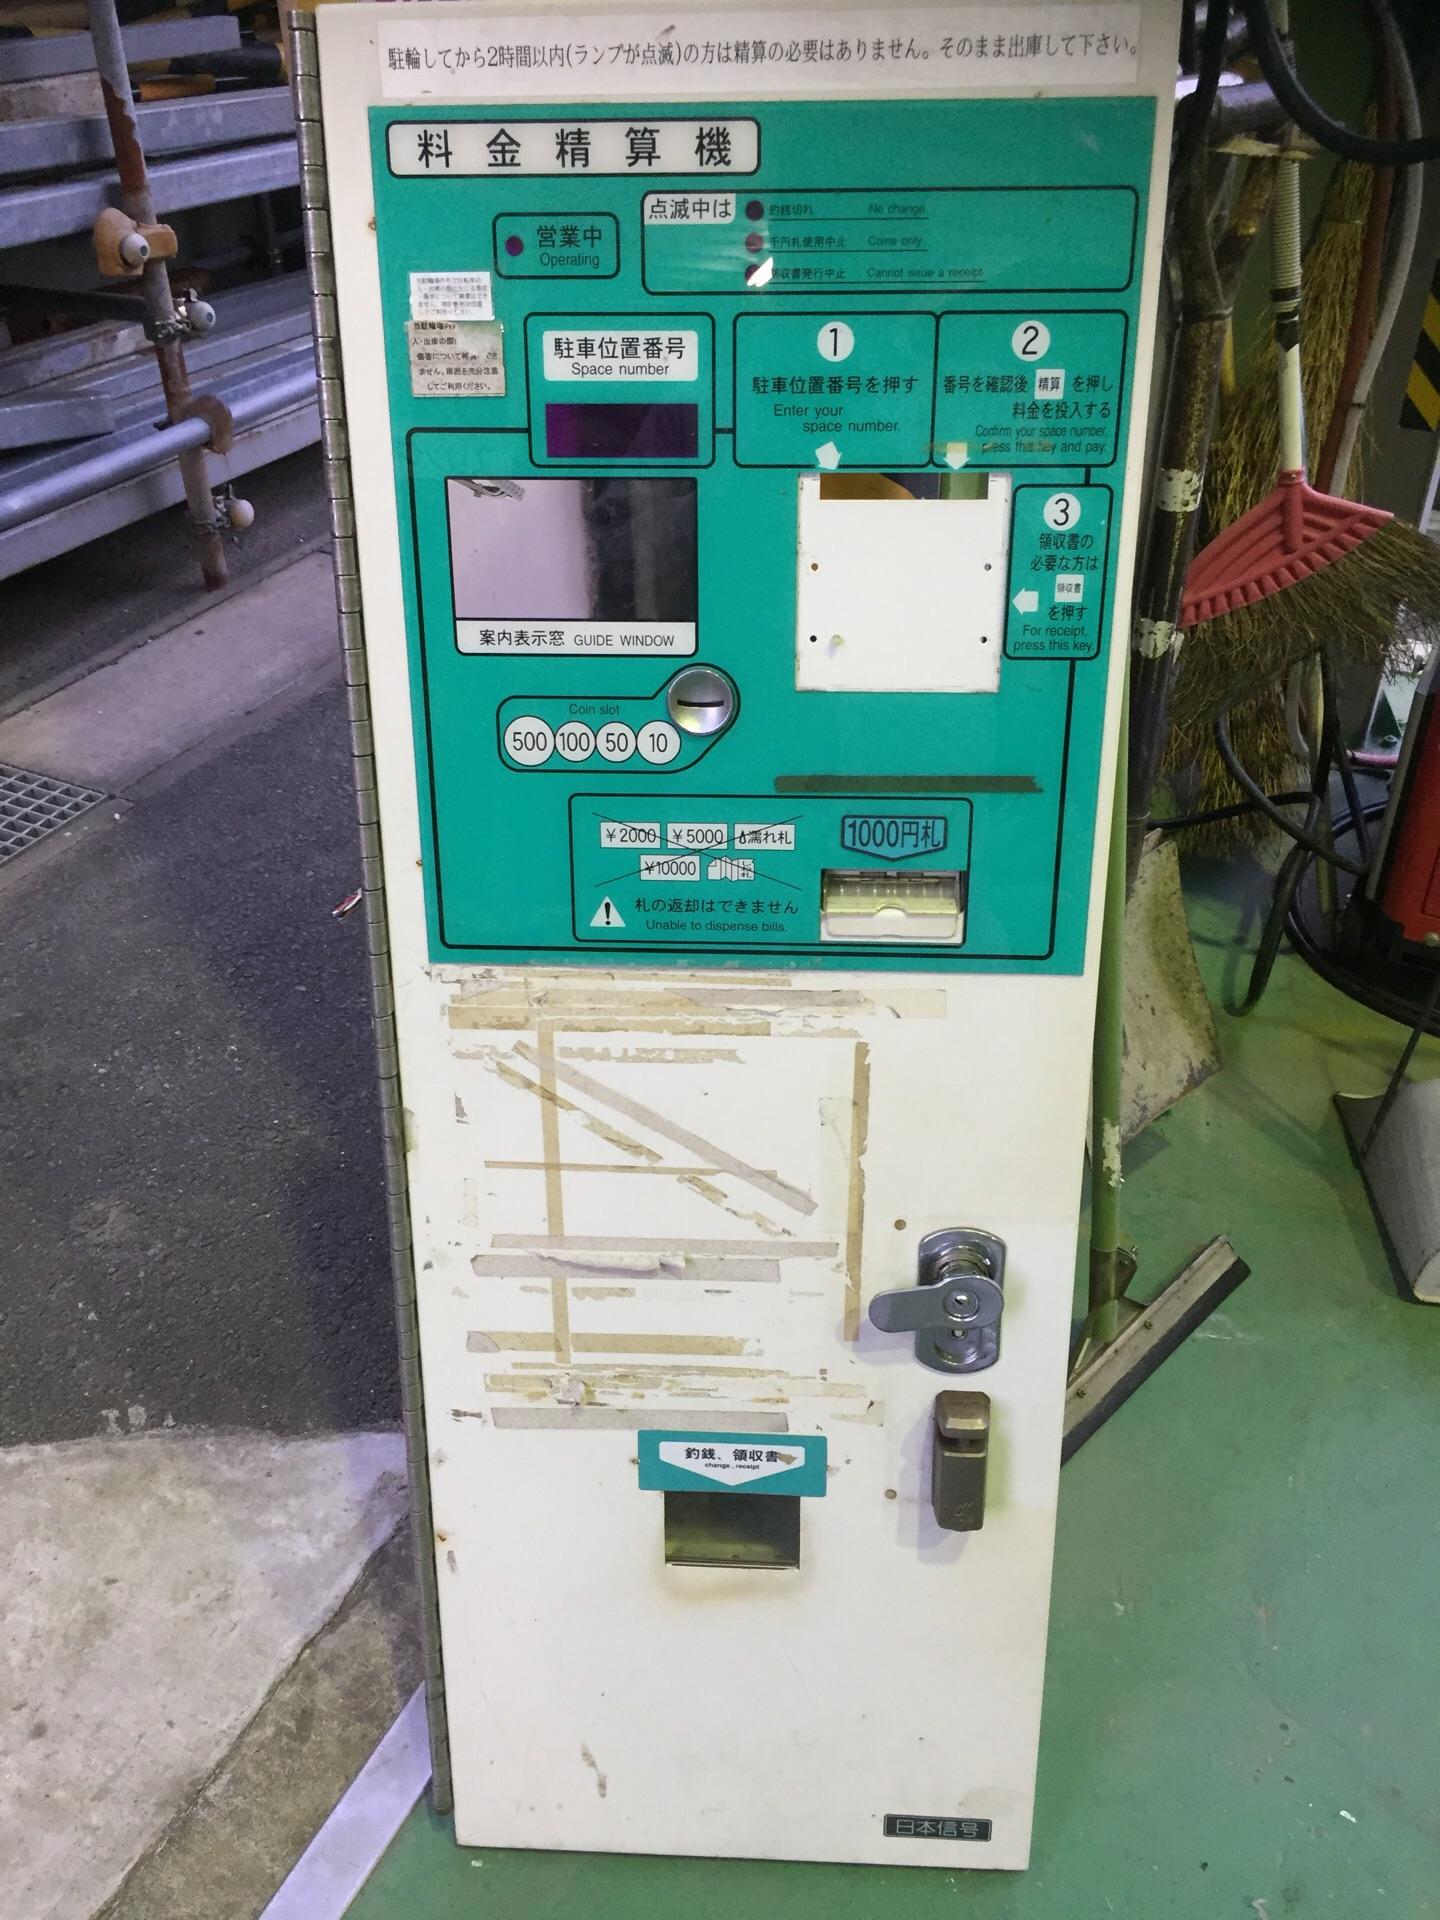 EL2598H(精算機) 用扉一式 中古 ビルバリ、メック、プリンター付